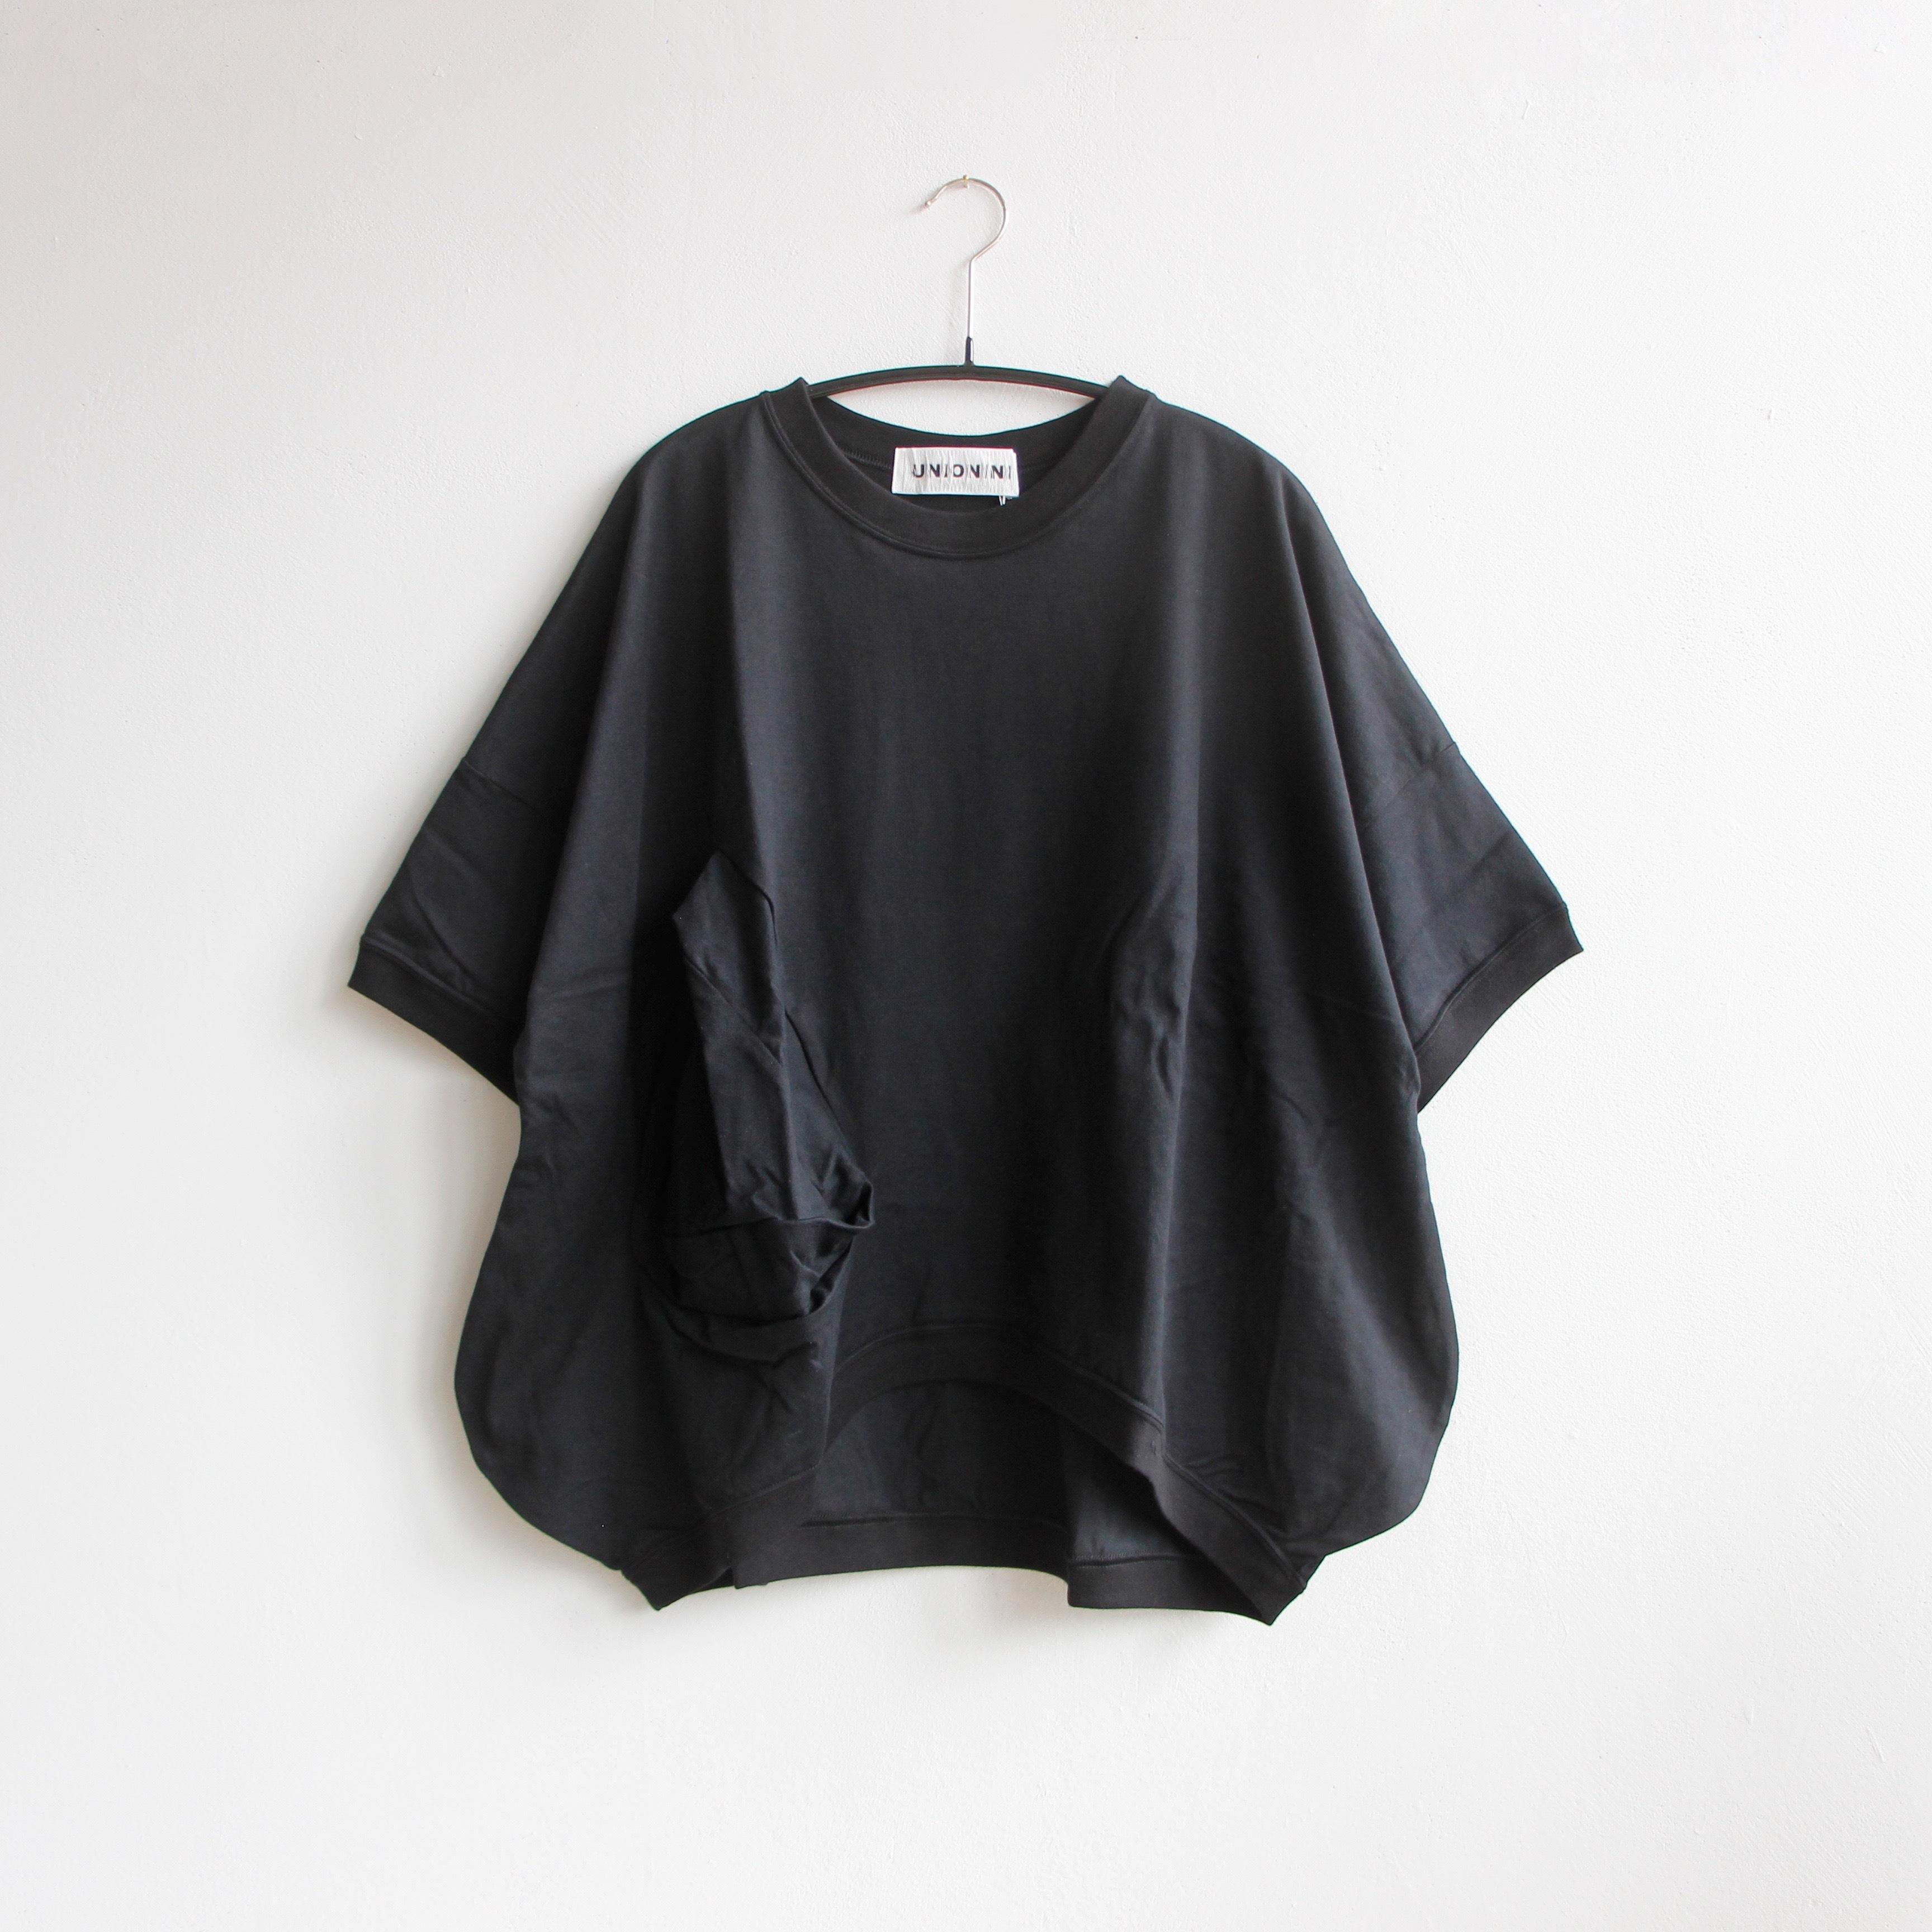 《UNIONINI 2020SS》◯△ T-shirt / black / 12-14Y・M(大人)